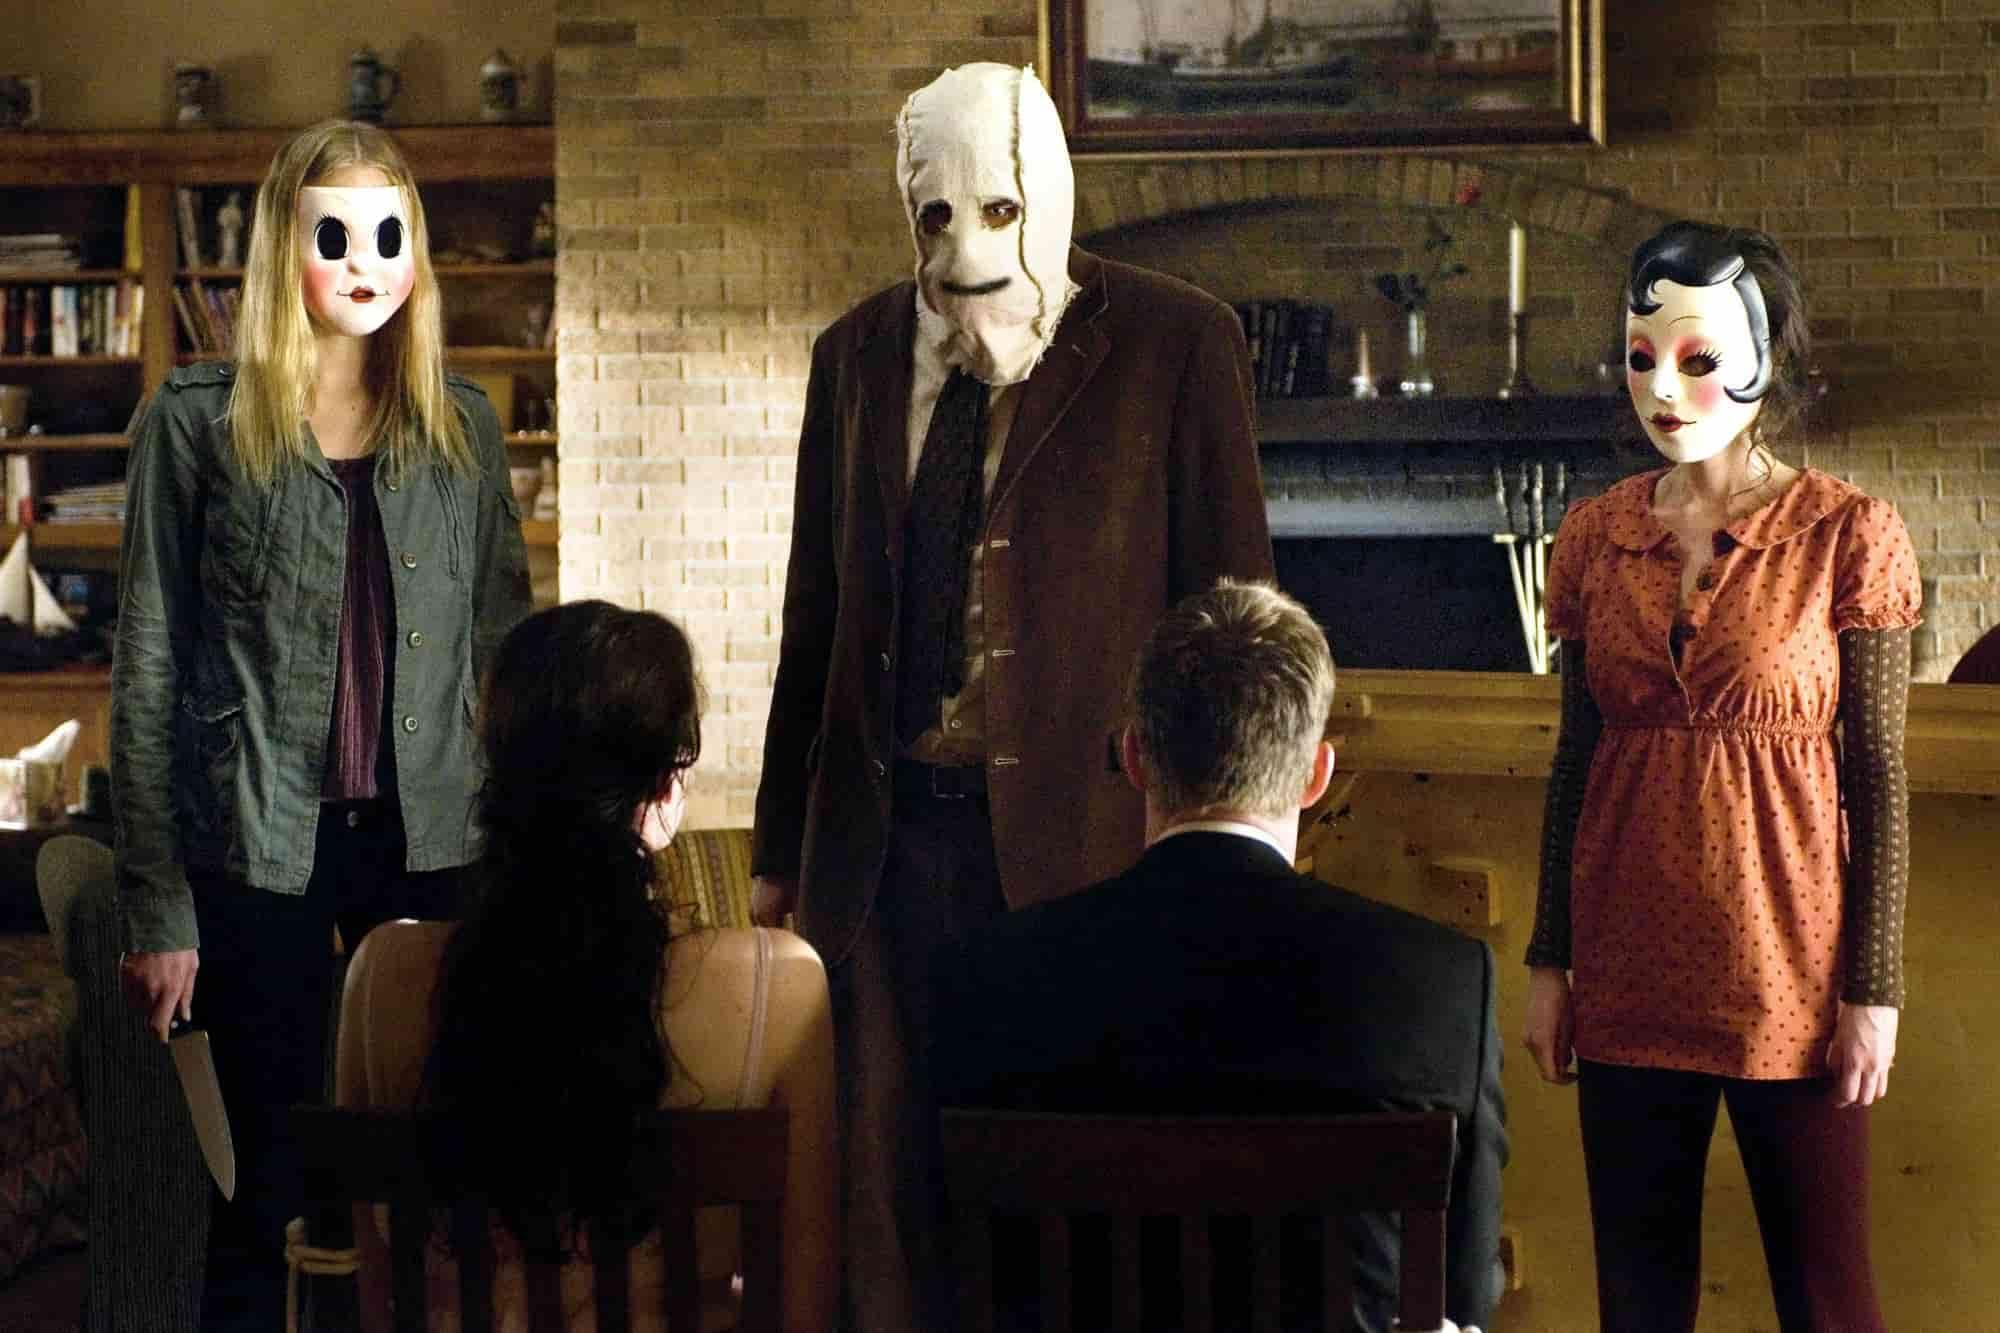 Från The Strangers. Tre maskerade personer står i ett vardagsrum och tittar på två andra personer som sitter fastbundna på varsin stol, framför dem.